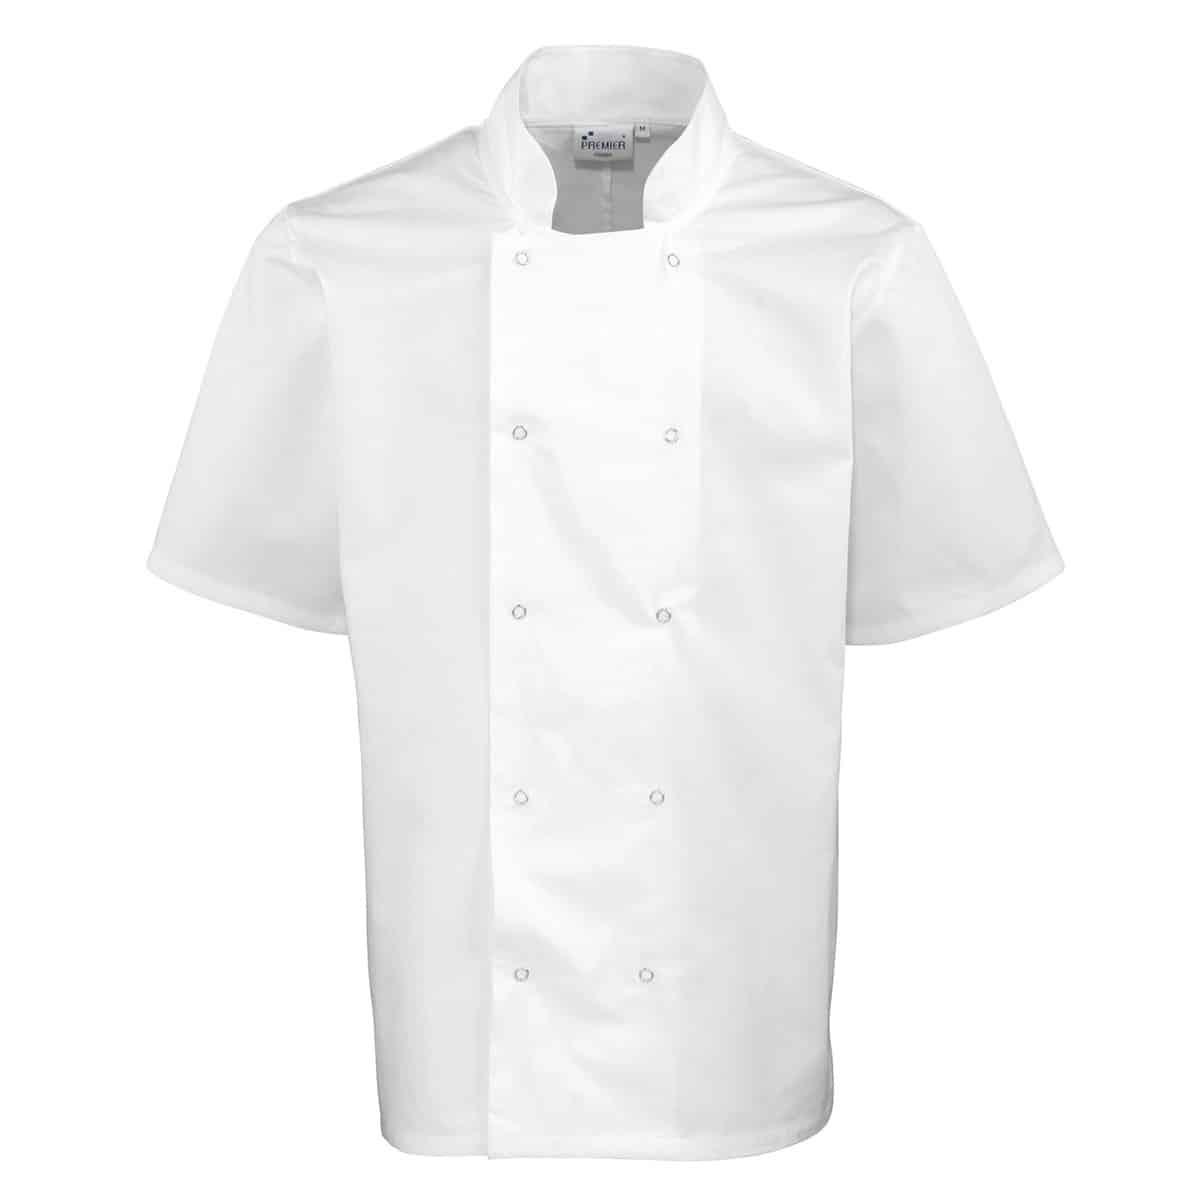 Giacca da cuoco bianca con collo alla coreana e maniche corte su sfondo bianco